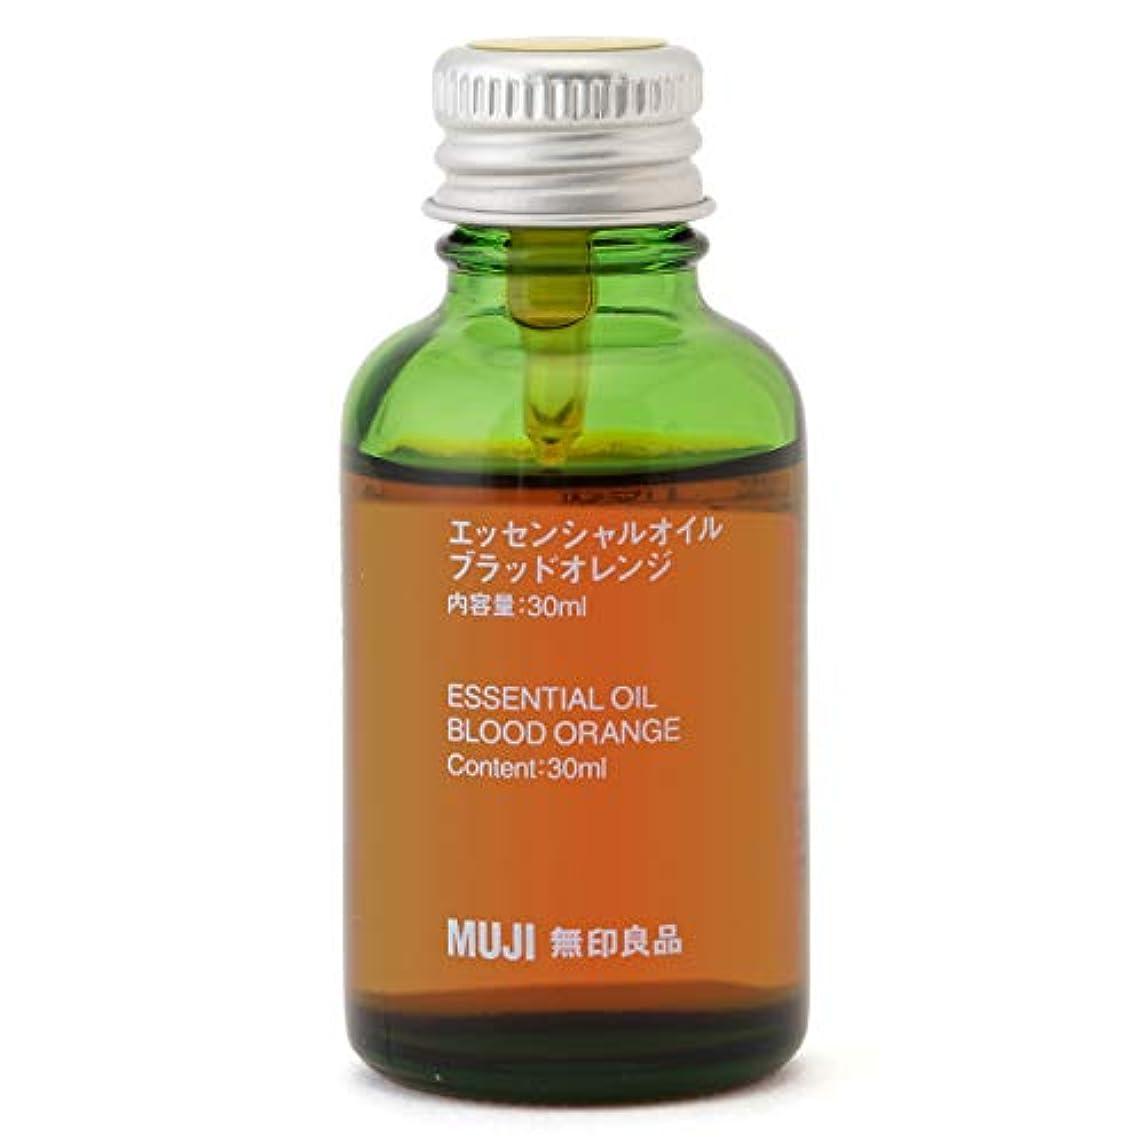 複合等に沿って【無印良品】エッセンシャルオイル30ml(ブラッドオレンジ)